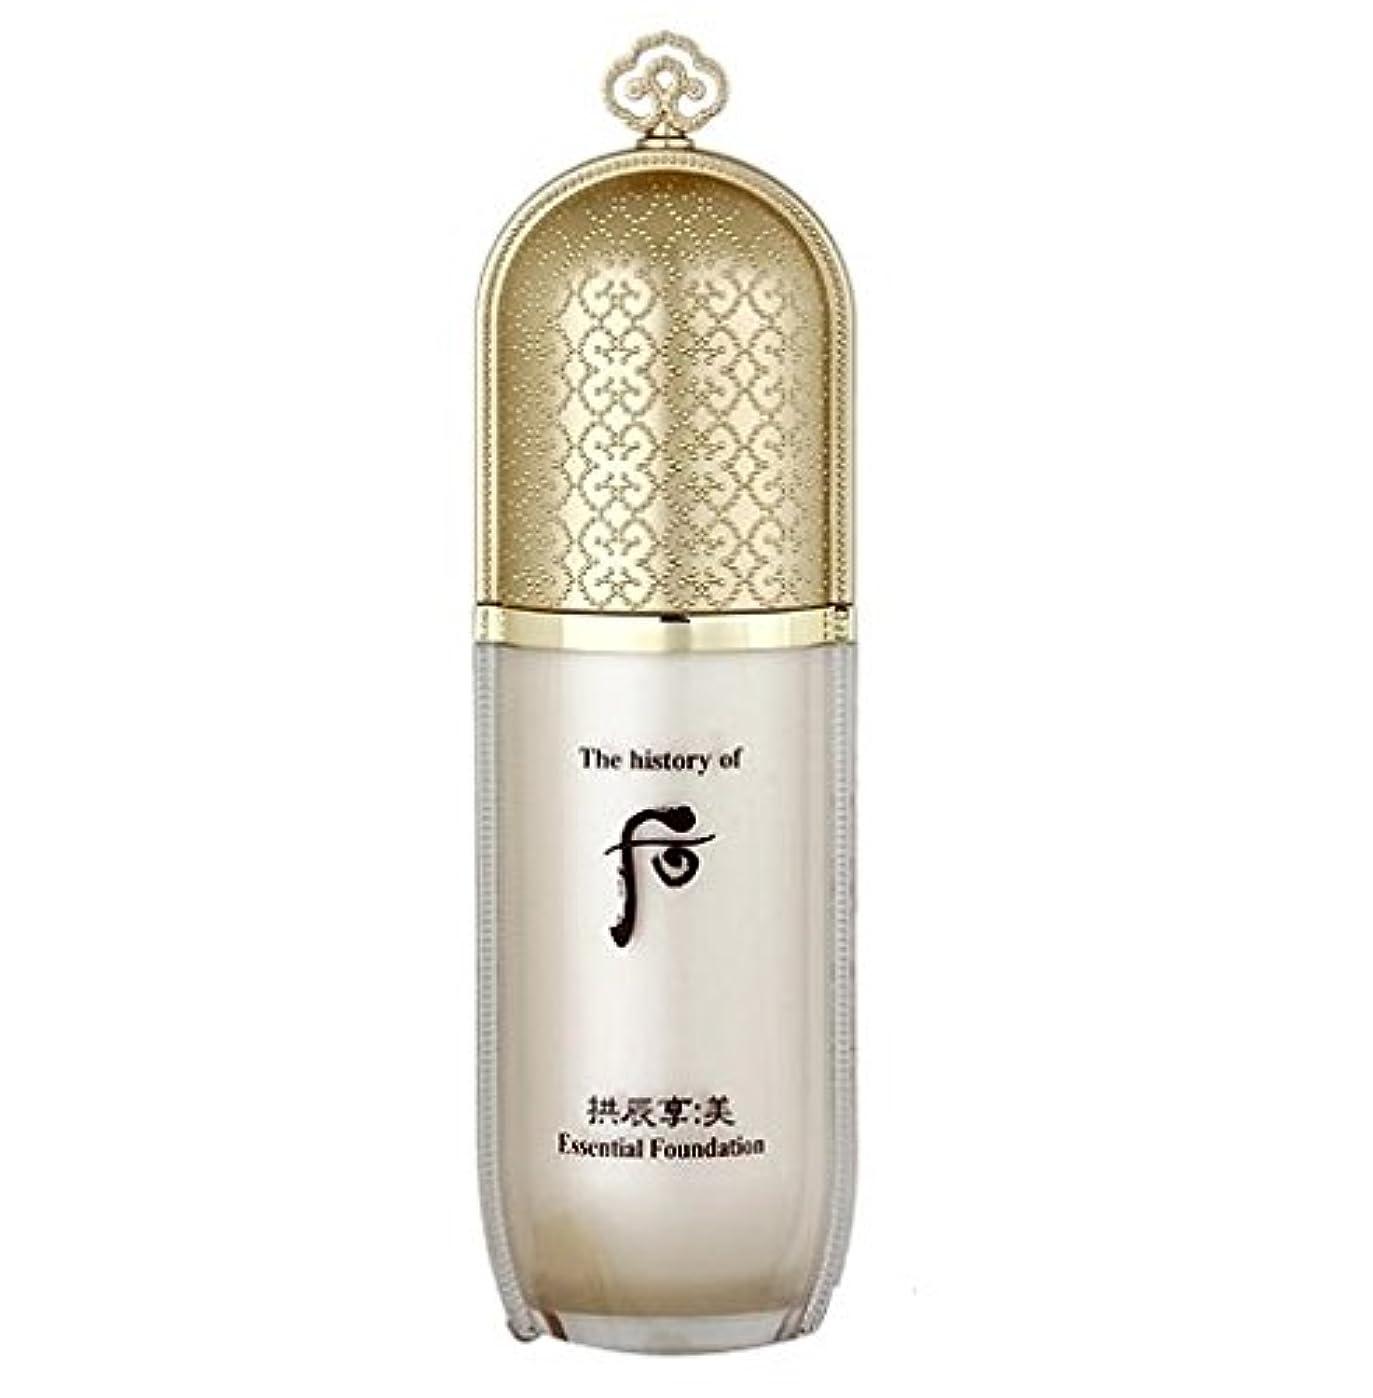 一時停止に付ける傷つきやすいThe history of Whoo Gongjinhyang Mi Essential Foundation #2 40ml K-beauty[並行輸入品]